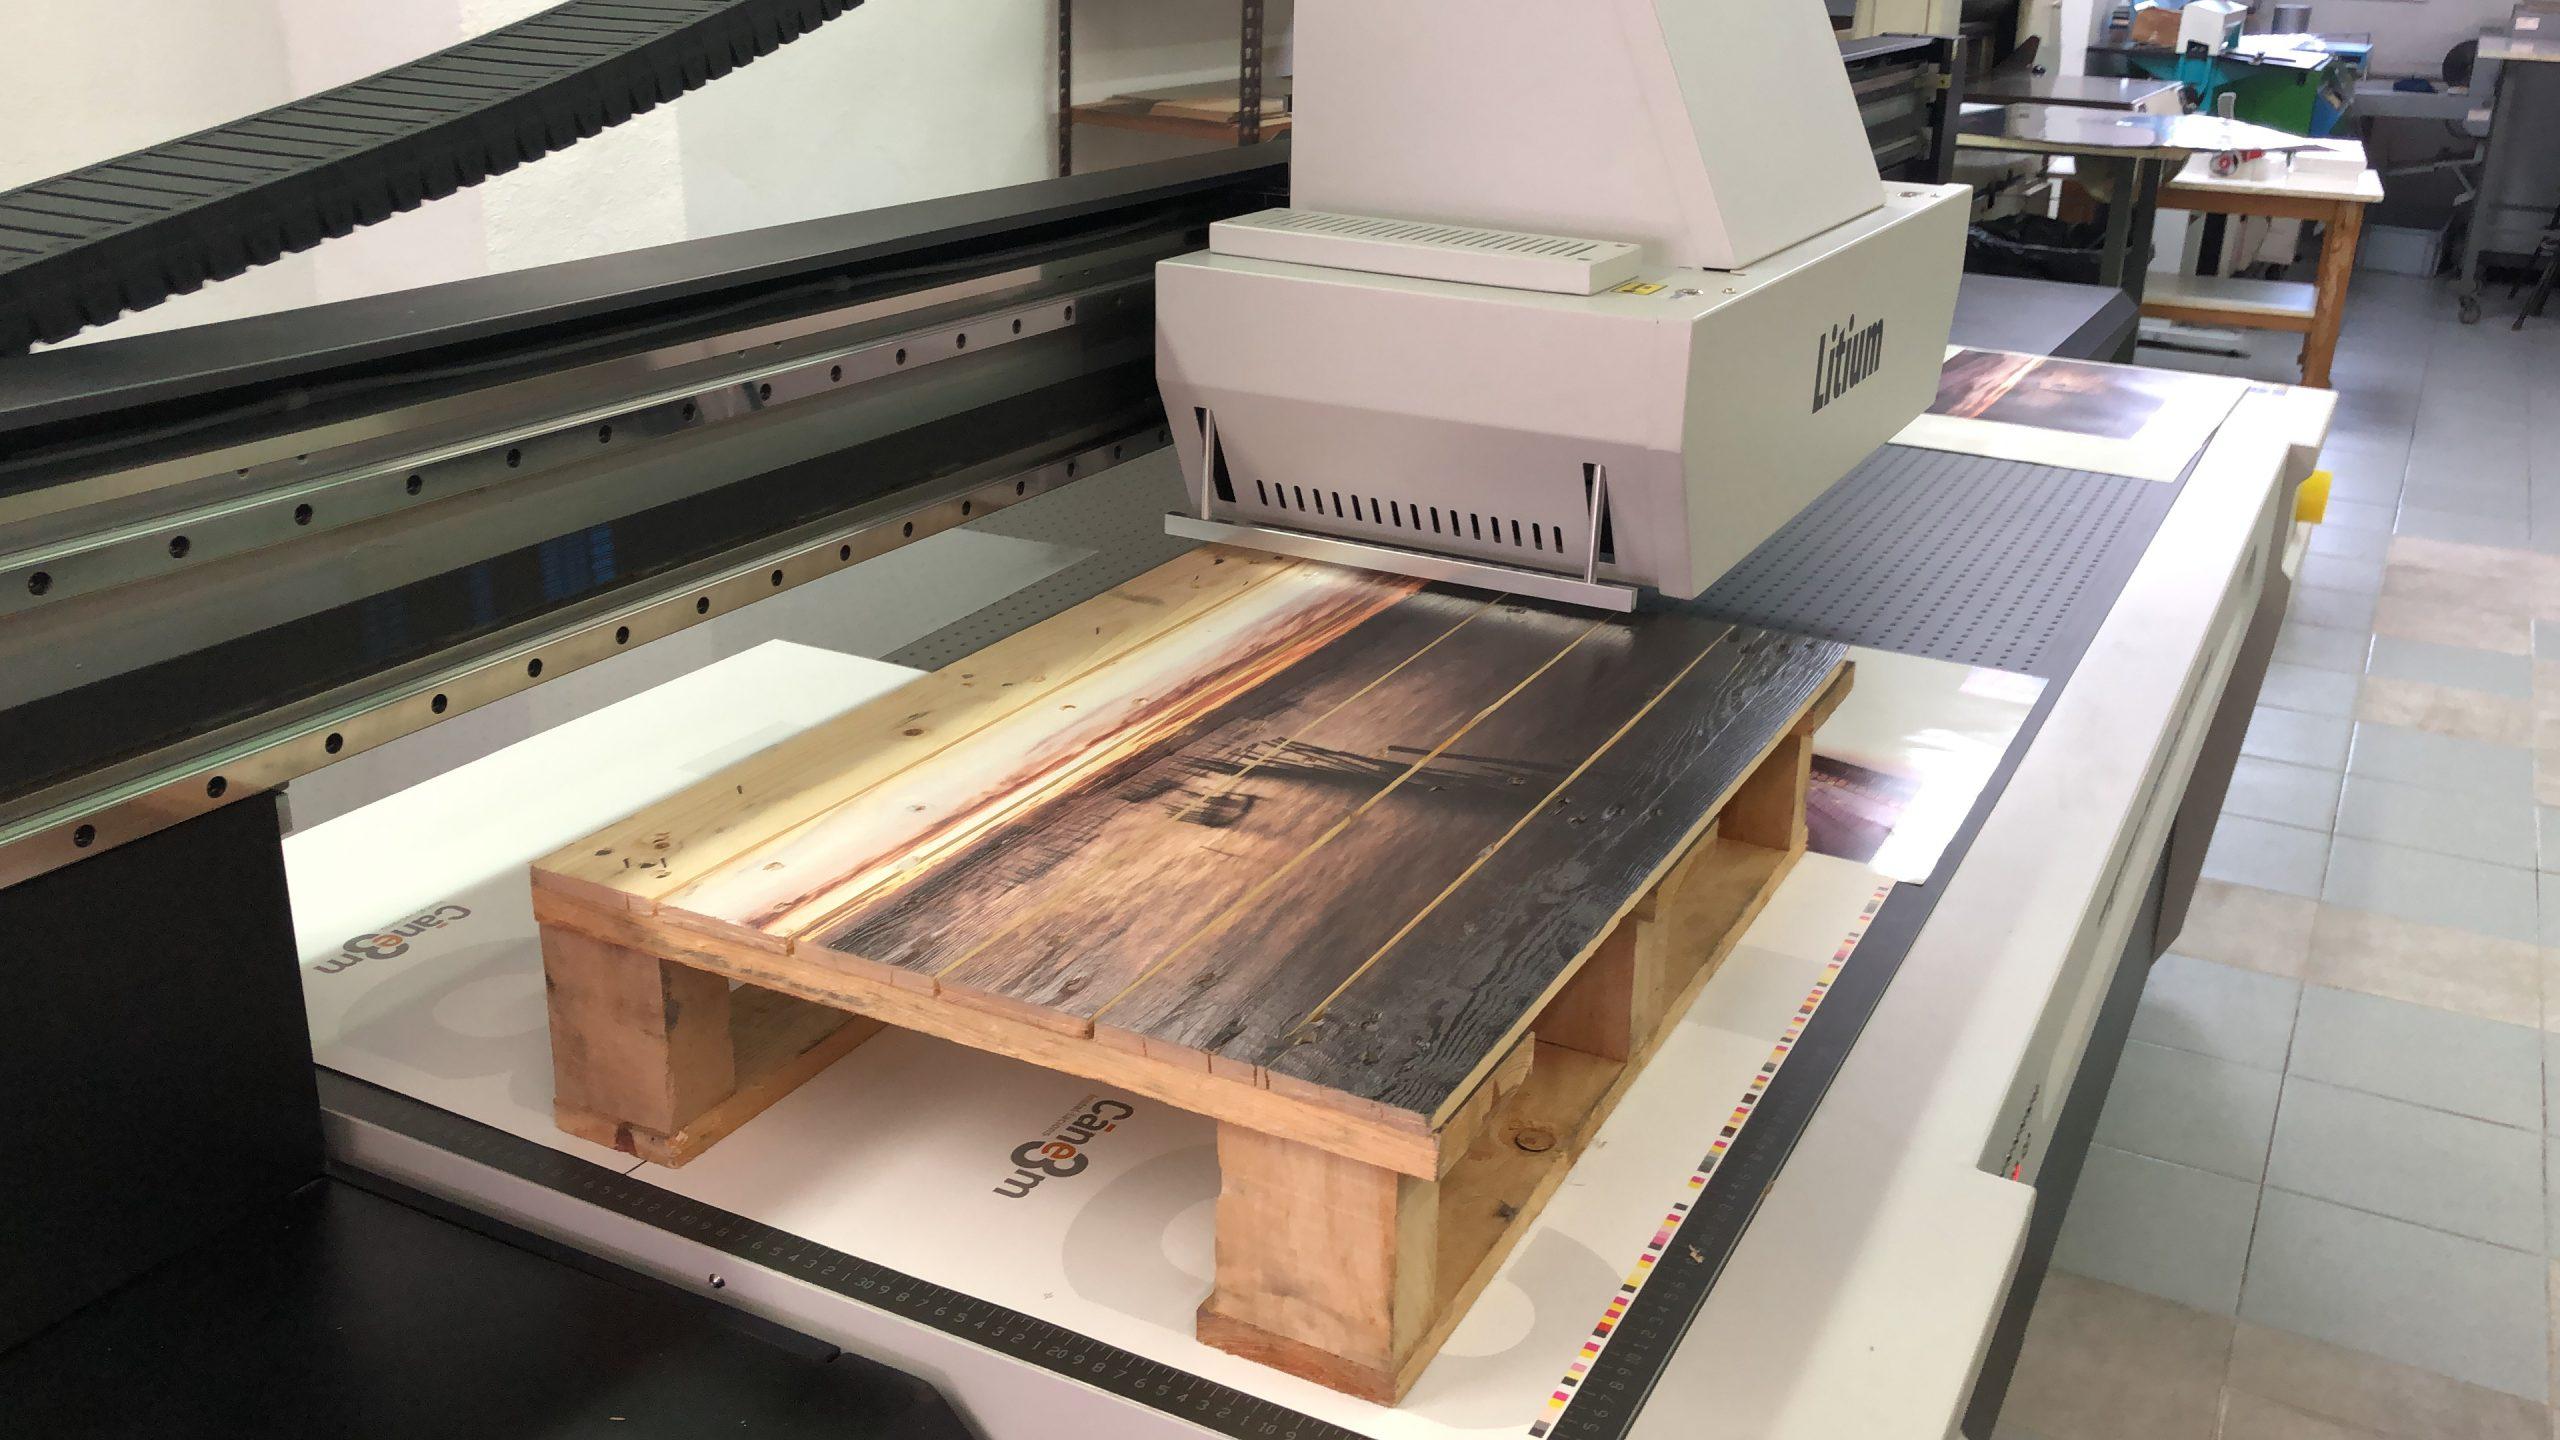 impresora imprimo en funcionamiento